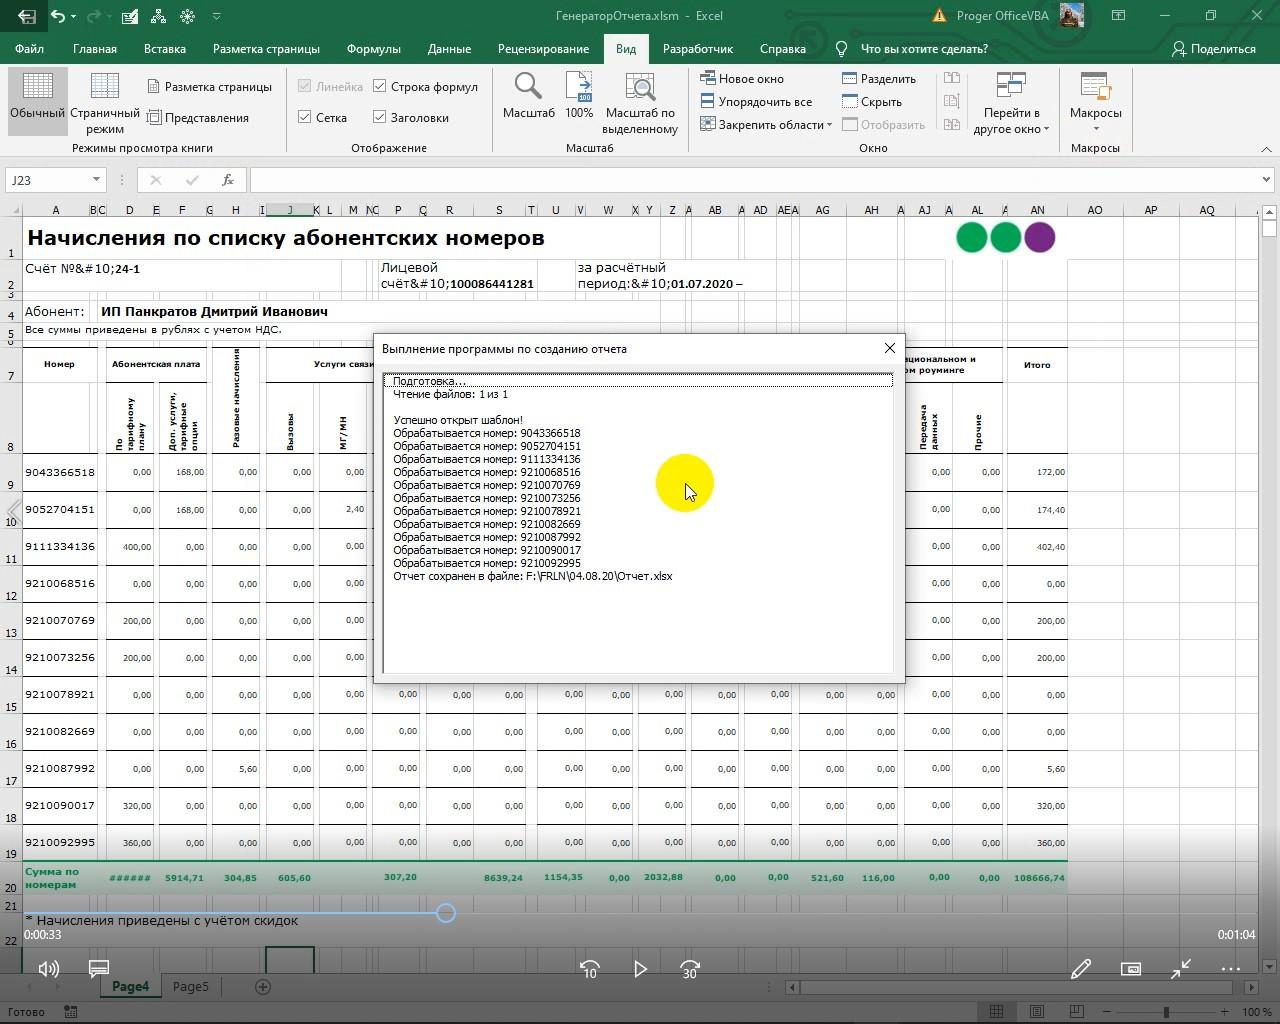 создать макрос, который сможет преобразовать данные в EXCEL табл